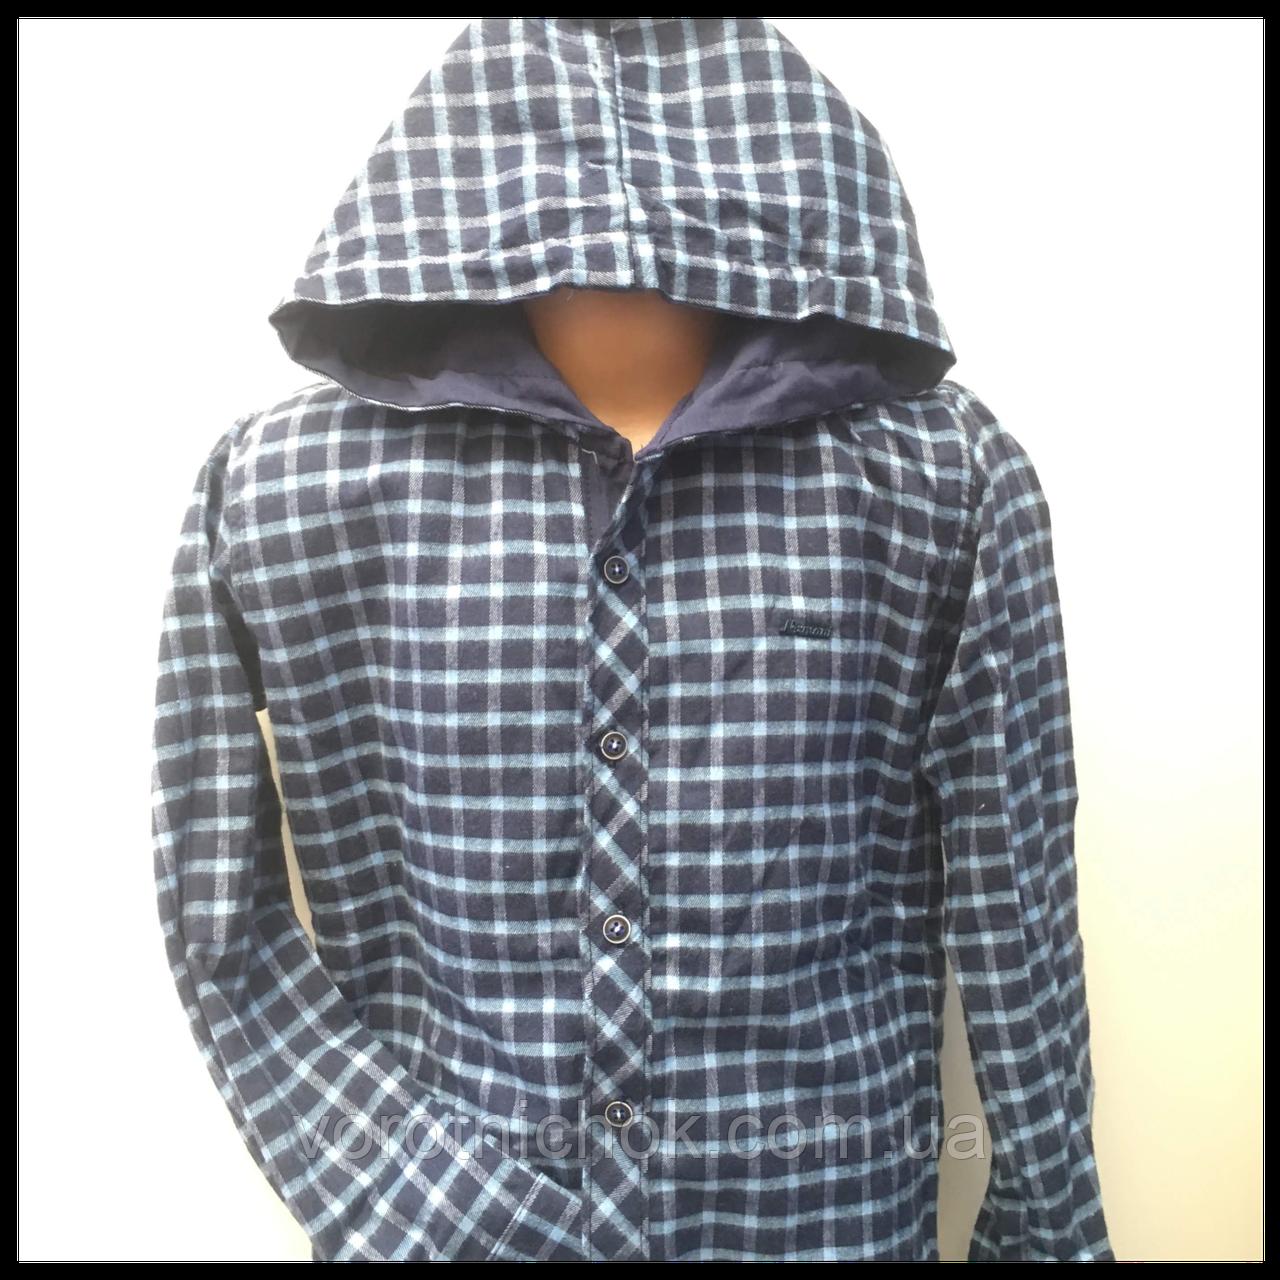 Рубашка для мальчика, теплая с капюшоном 5-9 лет